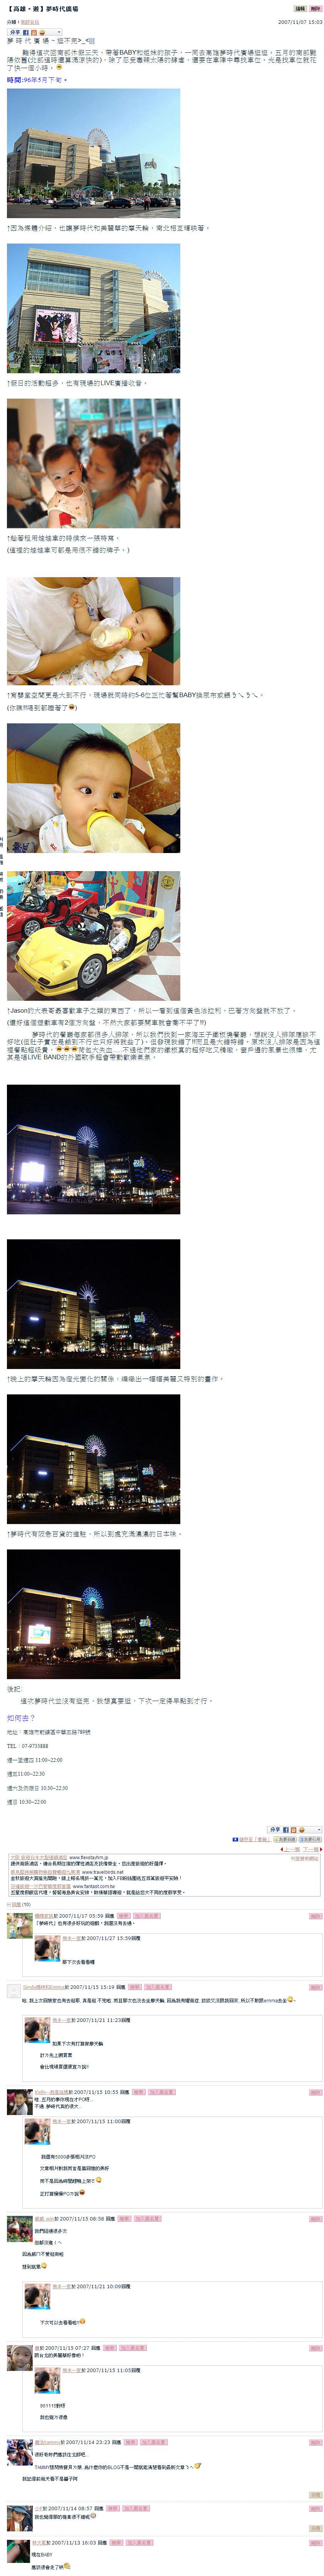 [高雄捷運凱旋站景點] 統一夢時代購物中心|夢時代廣場